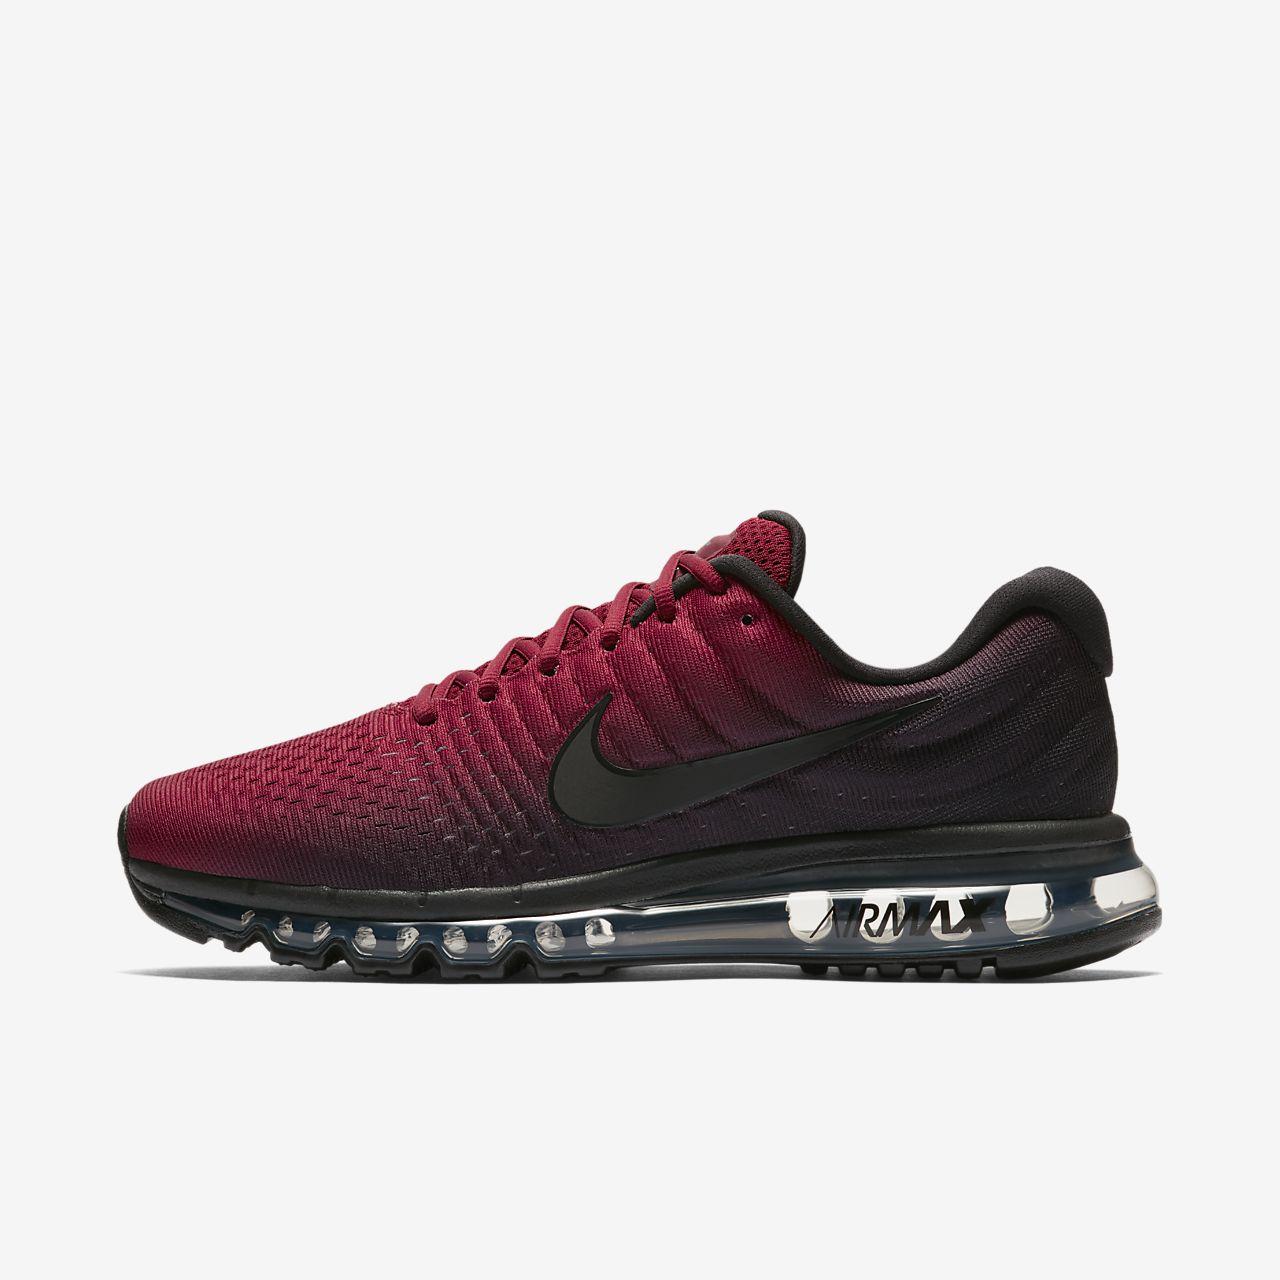 new product d3669 9d994 ... reduced calzado de running para hombre nike air max 2017 7b58f 88718